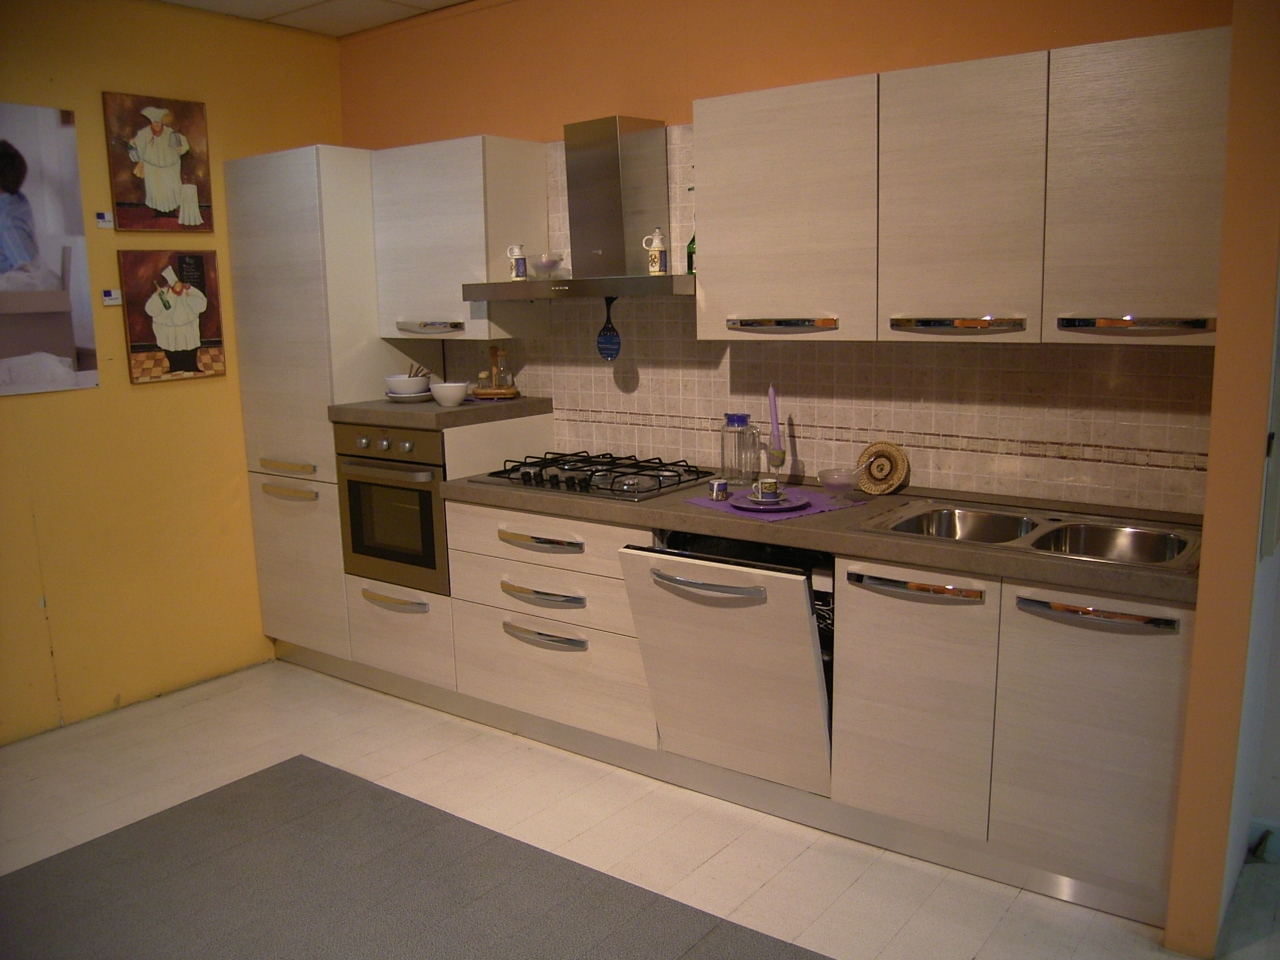 Cucina scontata mobilturi cucine a prezzi scontati - Cucina componibile prezzi ...